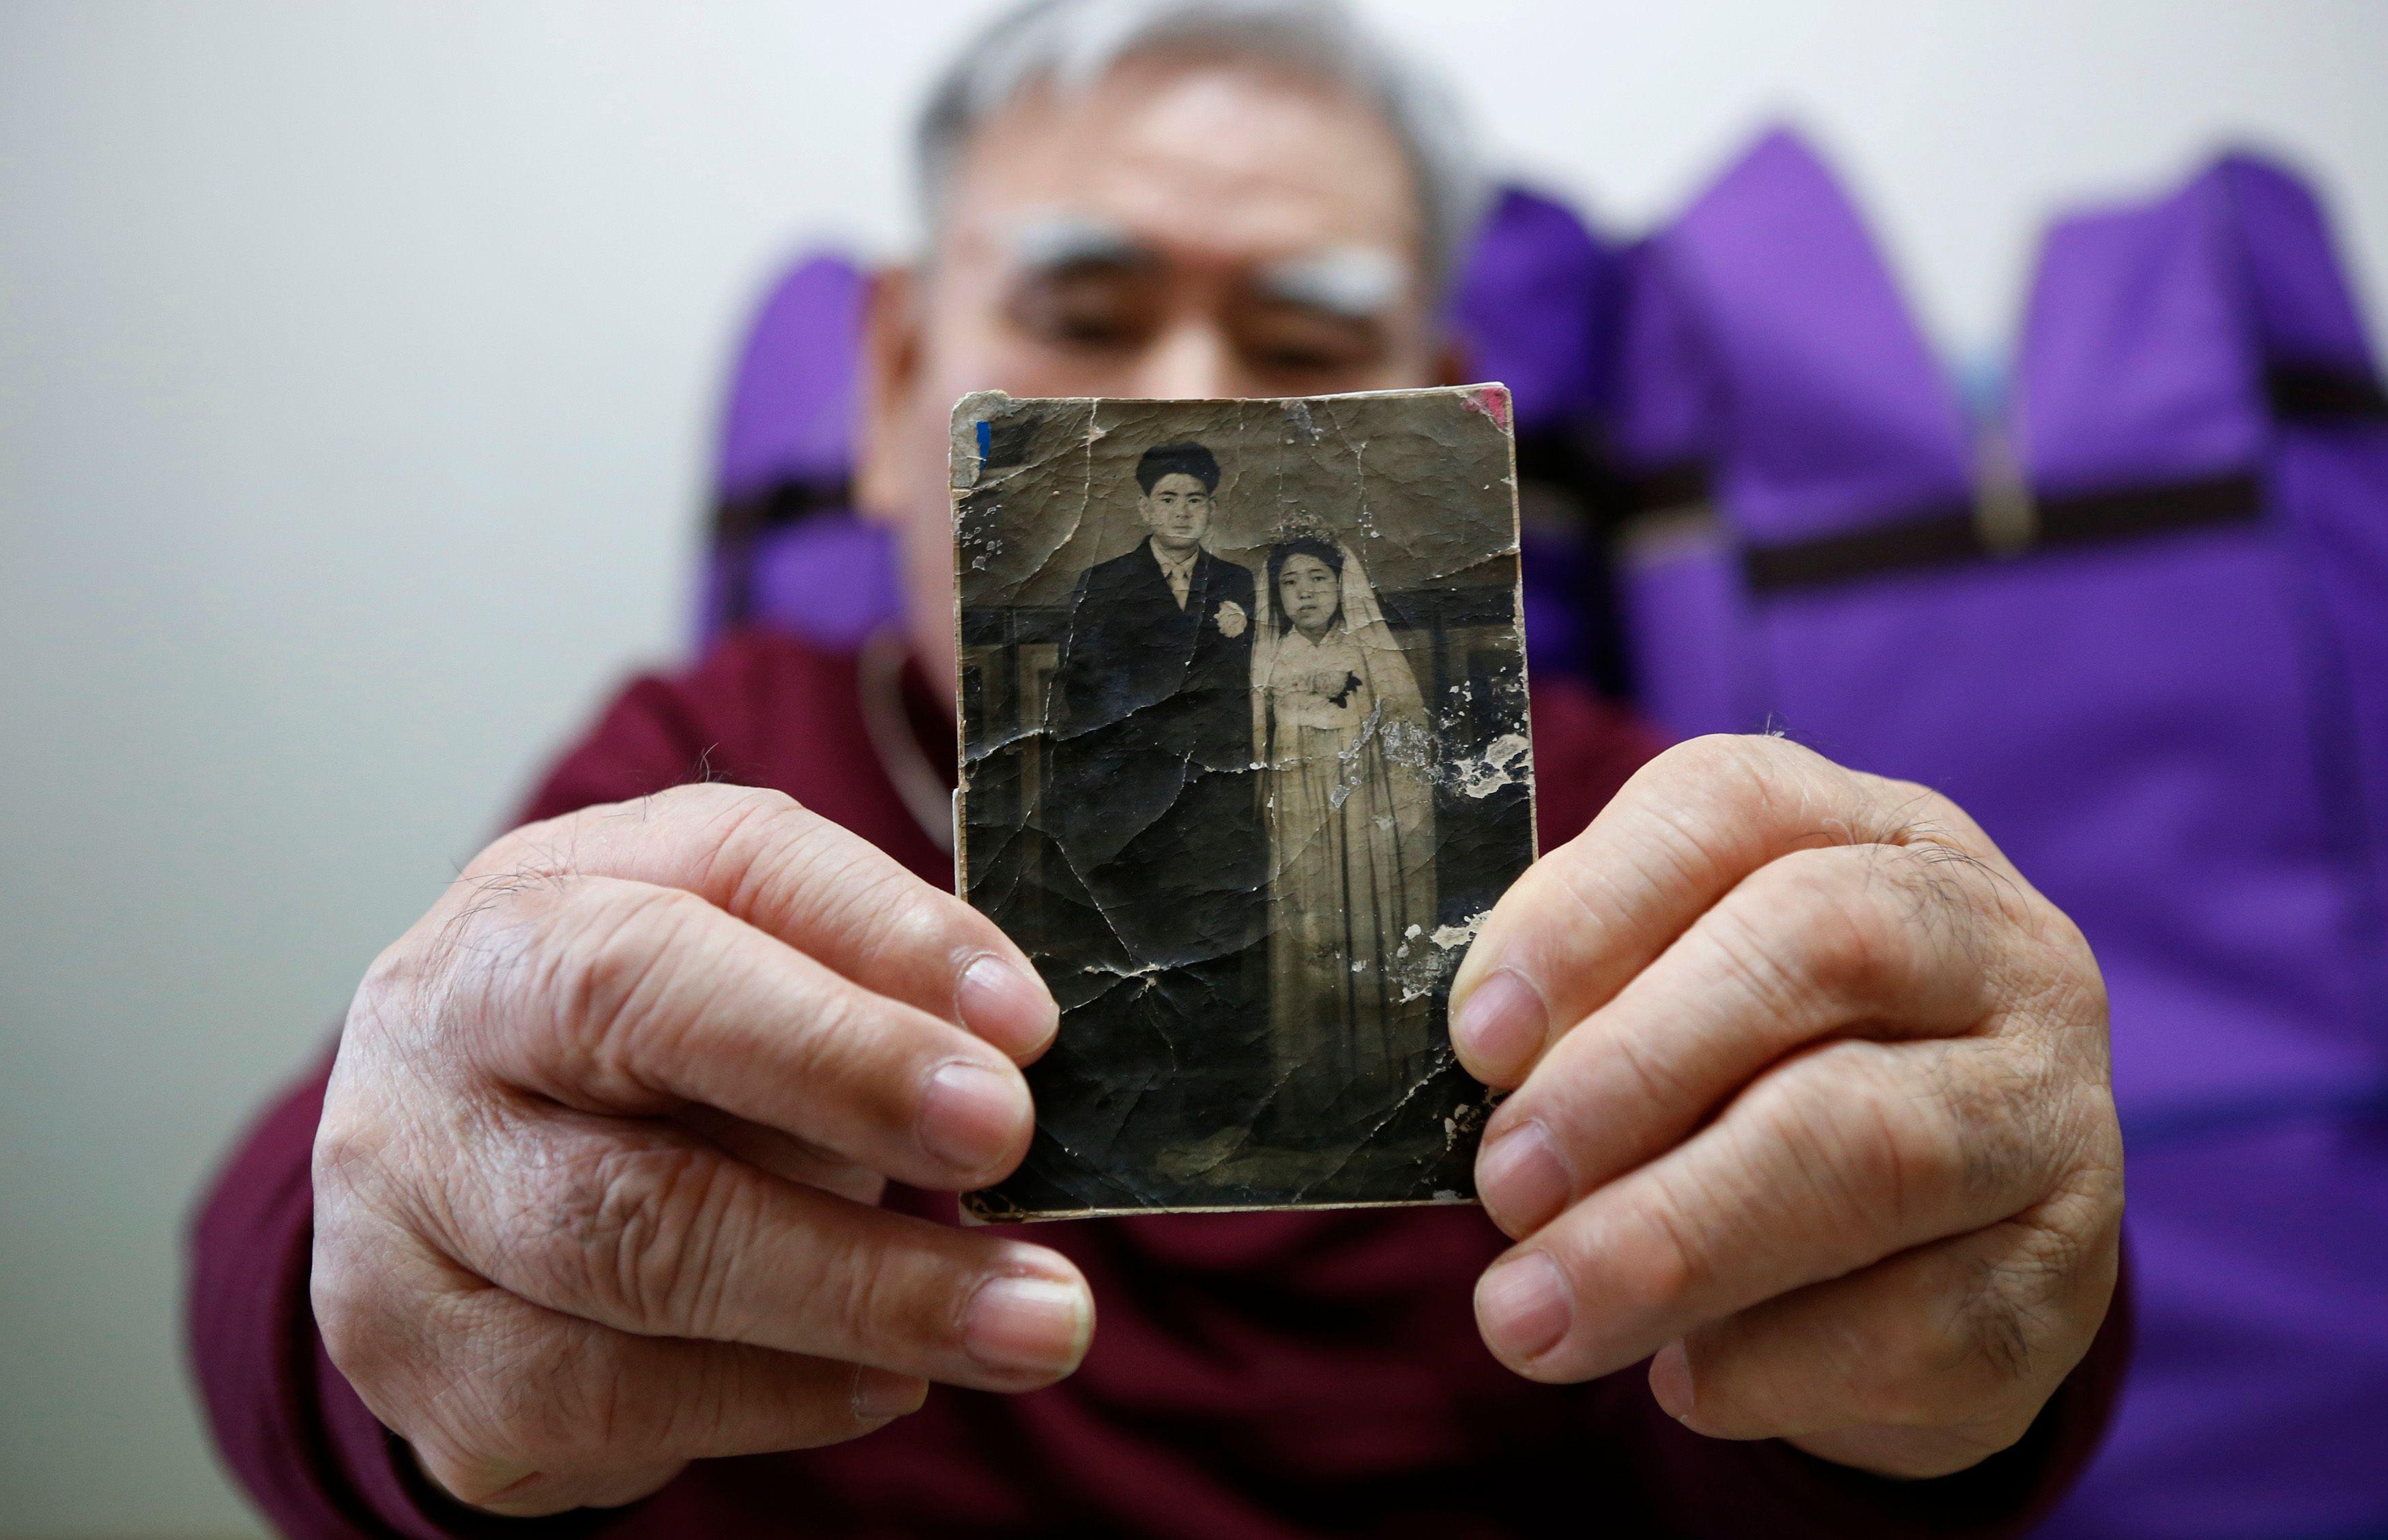 Jang Choon fait partie des sud-coréens qui ont obtenu le droit de rencontrer leur famille, au nord. Son dernier contact avec frère date des années 1950.